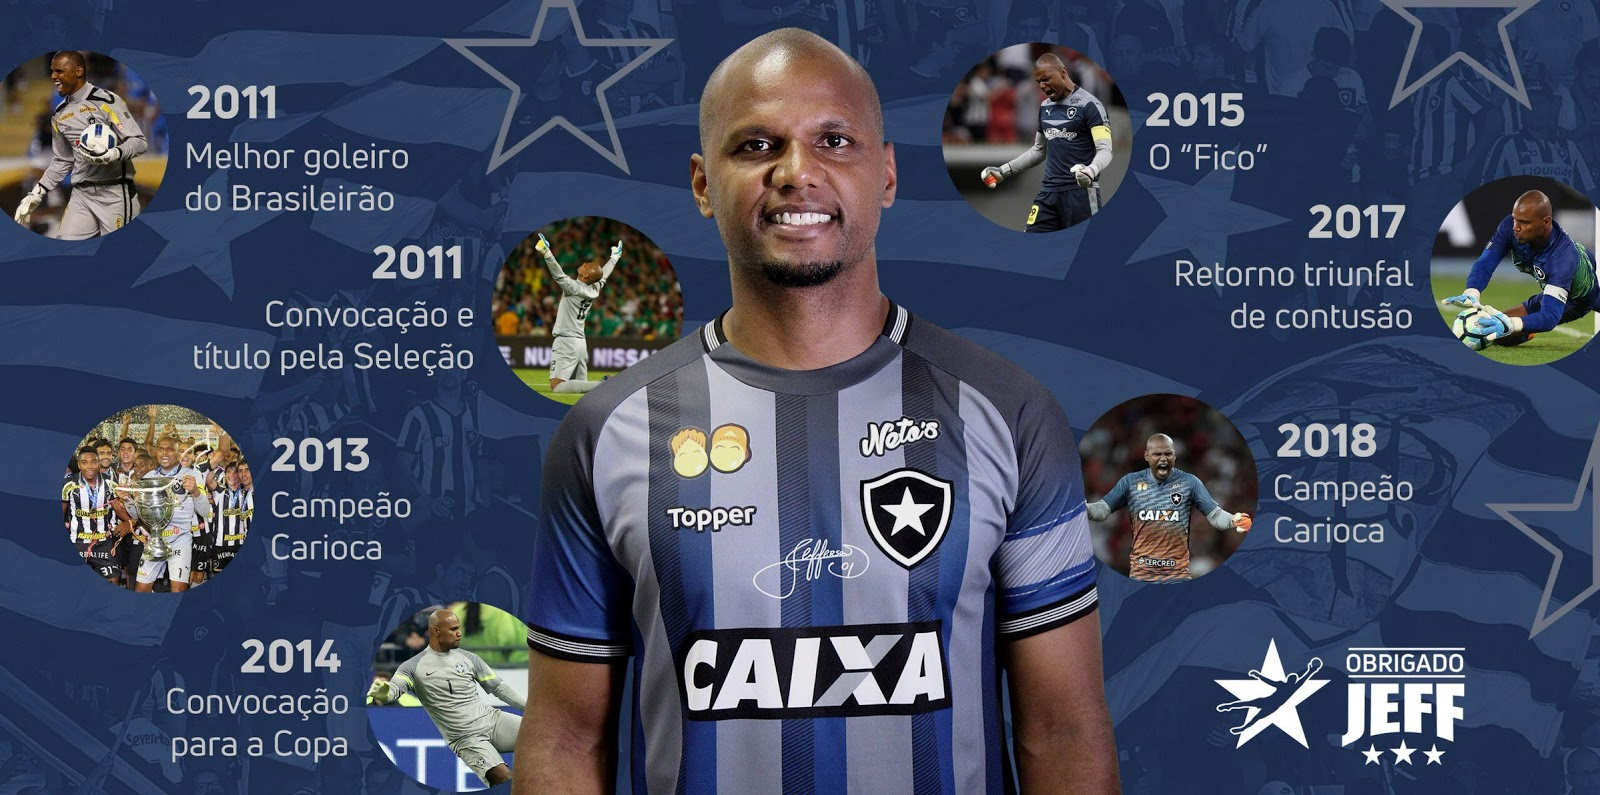 Botafogo lança camisa em homenagem ao goleiro Jefferson - Show de ... 9dc4be30cc7a1